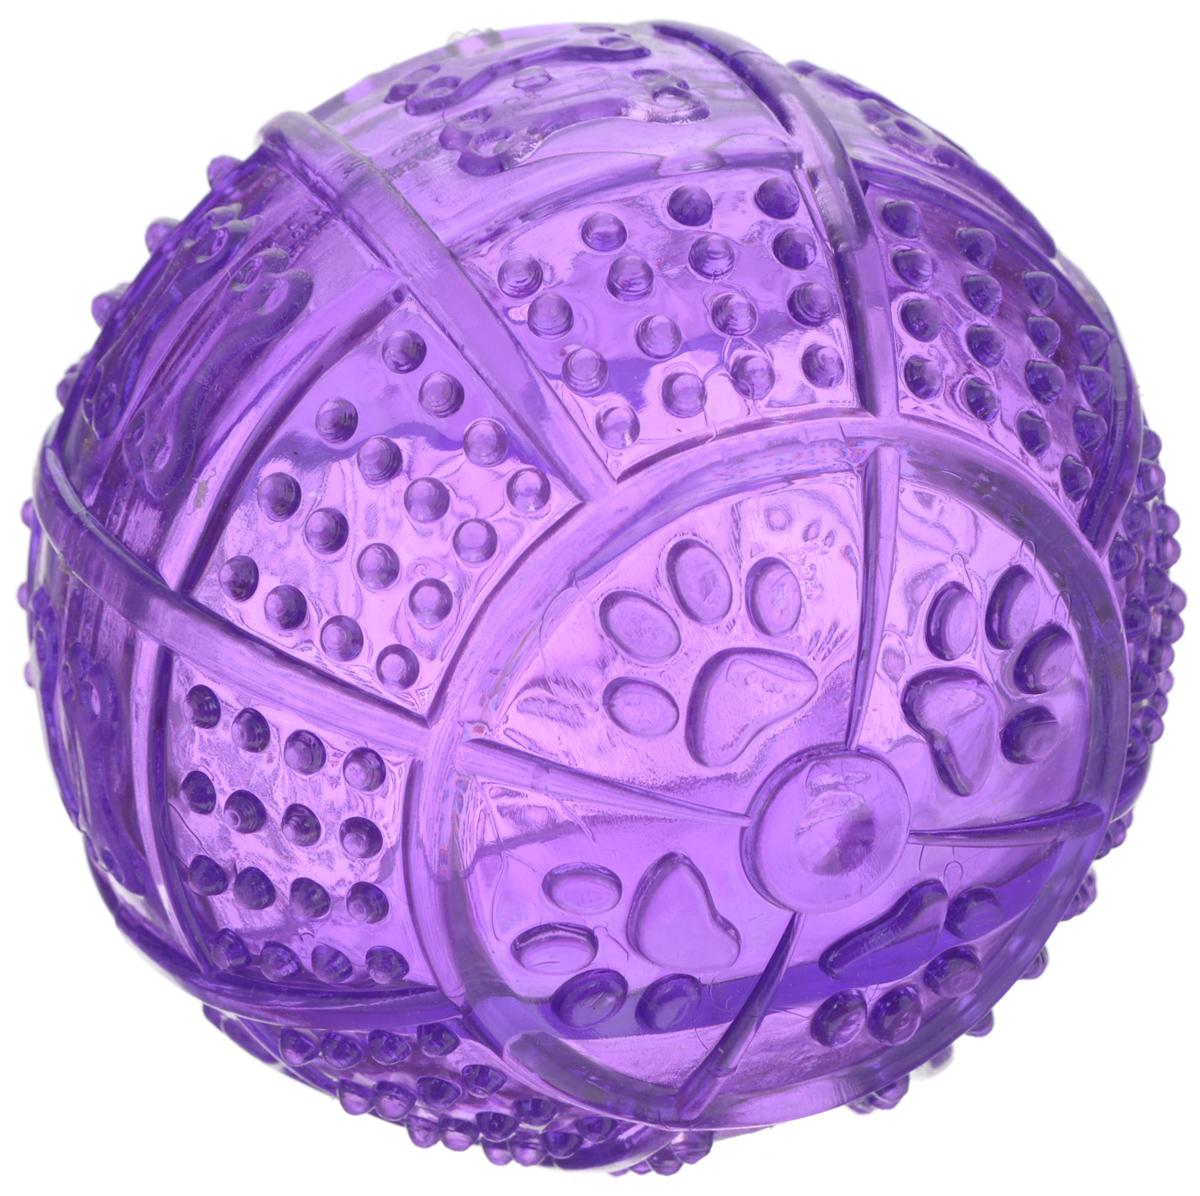 Игрушка для собак Pet Supplies Toby's Choice, цвет: фиолетовый, диаметр 8,2 см0120710Игрушка для собак Pet Supplies Tobys Choice выполнена из резины в виде мяча. Она надолго займет вашего любимца, избавив его от скуки. Игрушка позволяет равномерно распределить угощение и корм за счет лабиринта внутри, поэтому лакомства достанутся питомцу не так быстро, и это продлит его игру.Диаметр игрушки: 8,2 см.